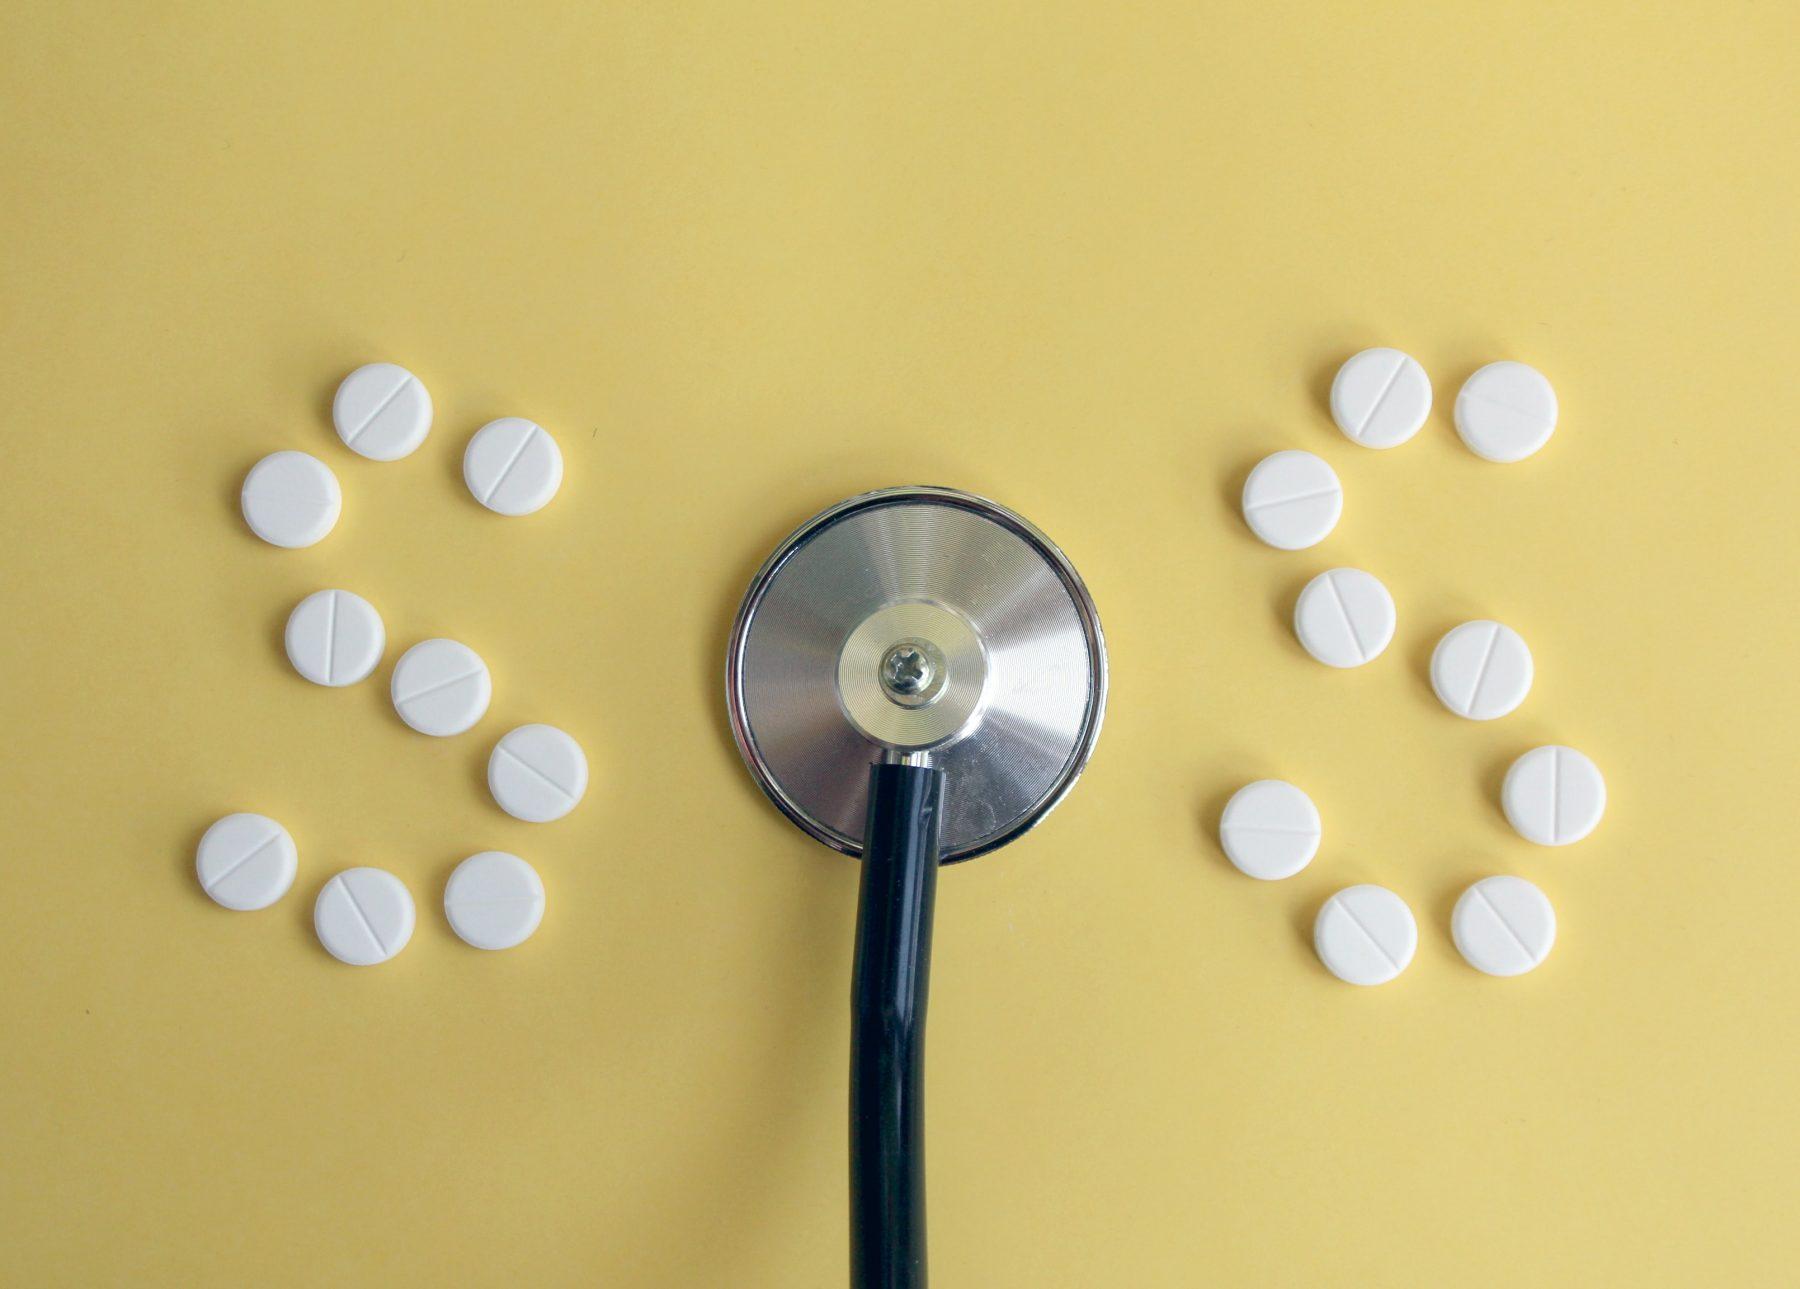 Weiße Pillen, die in einer 'S'-Form mit einem Stethoskop in der Mitte angeordnet sind, um SOS zu buchstabieren.